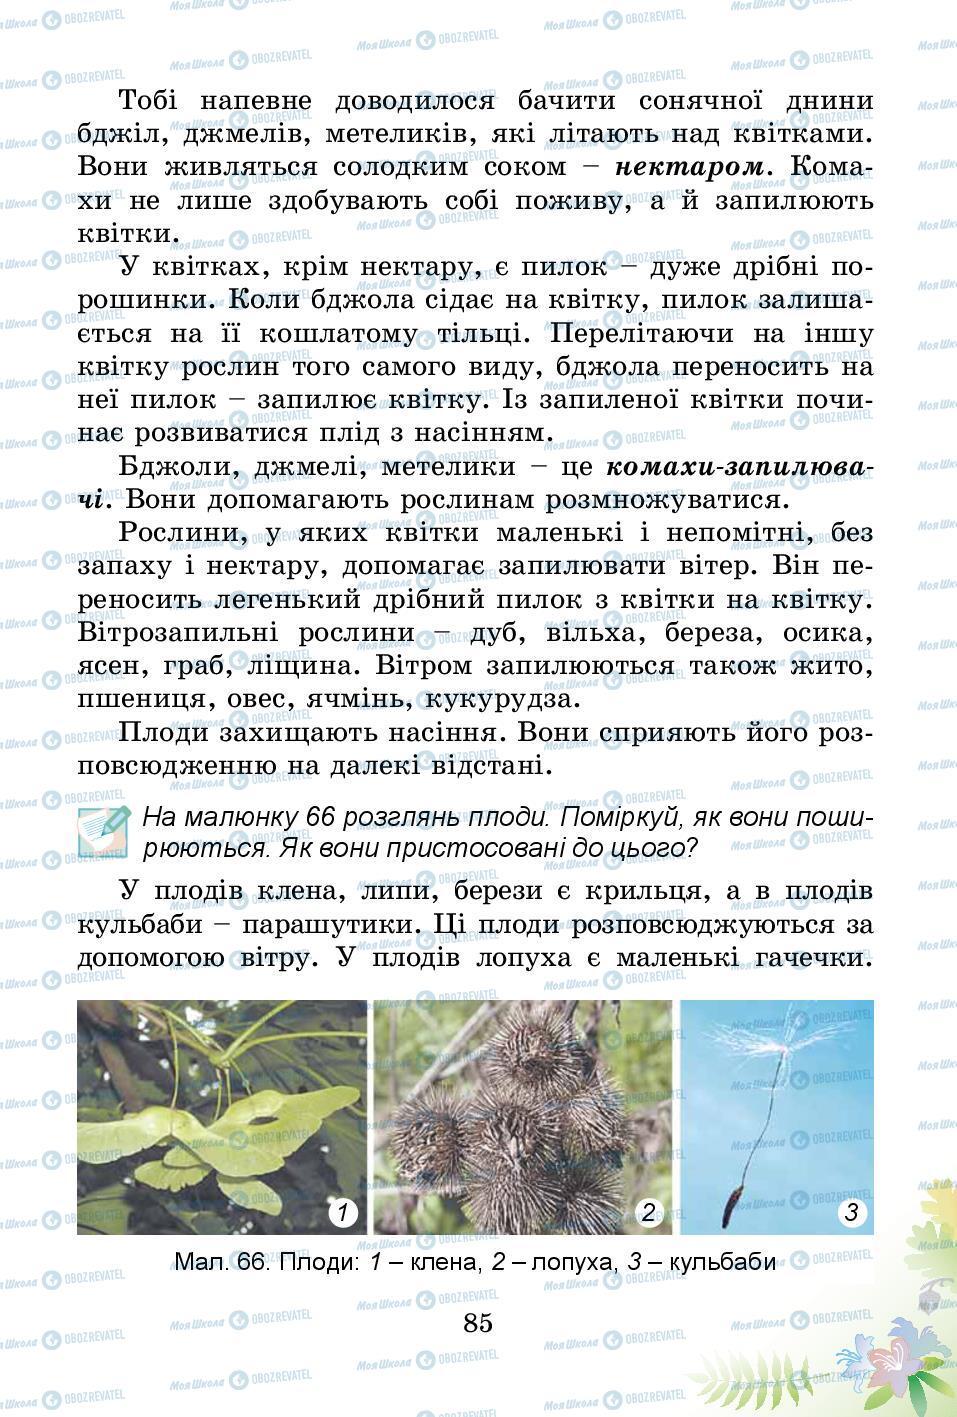 Підручники Природознавство 3 клас сторінка 85